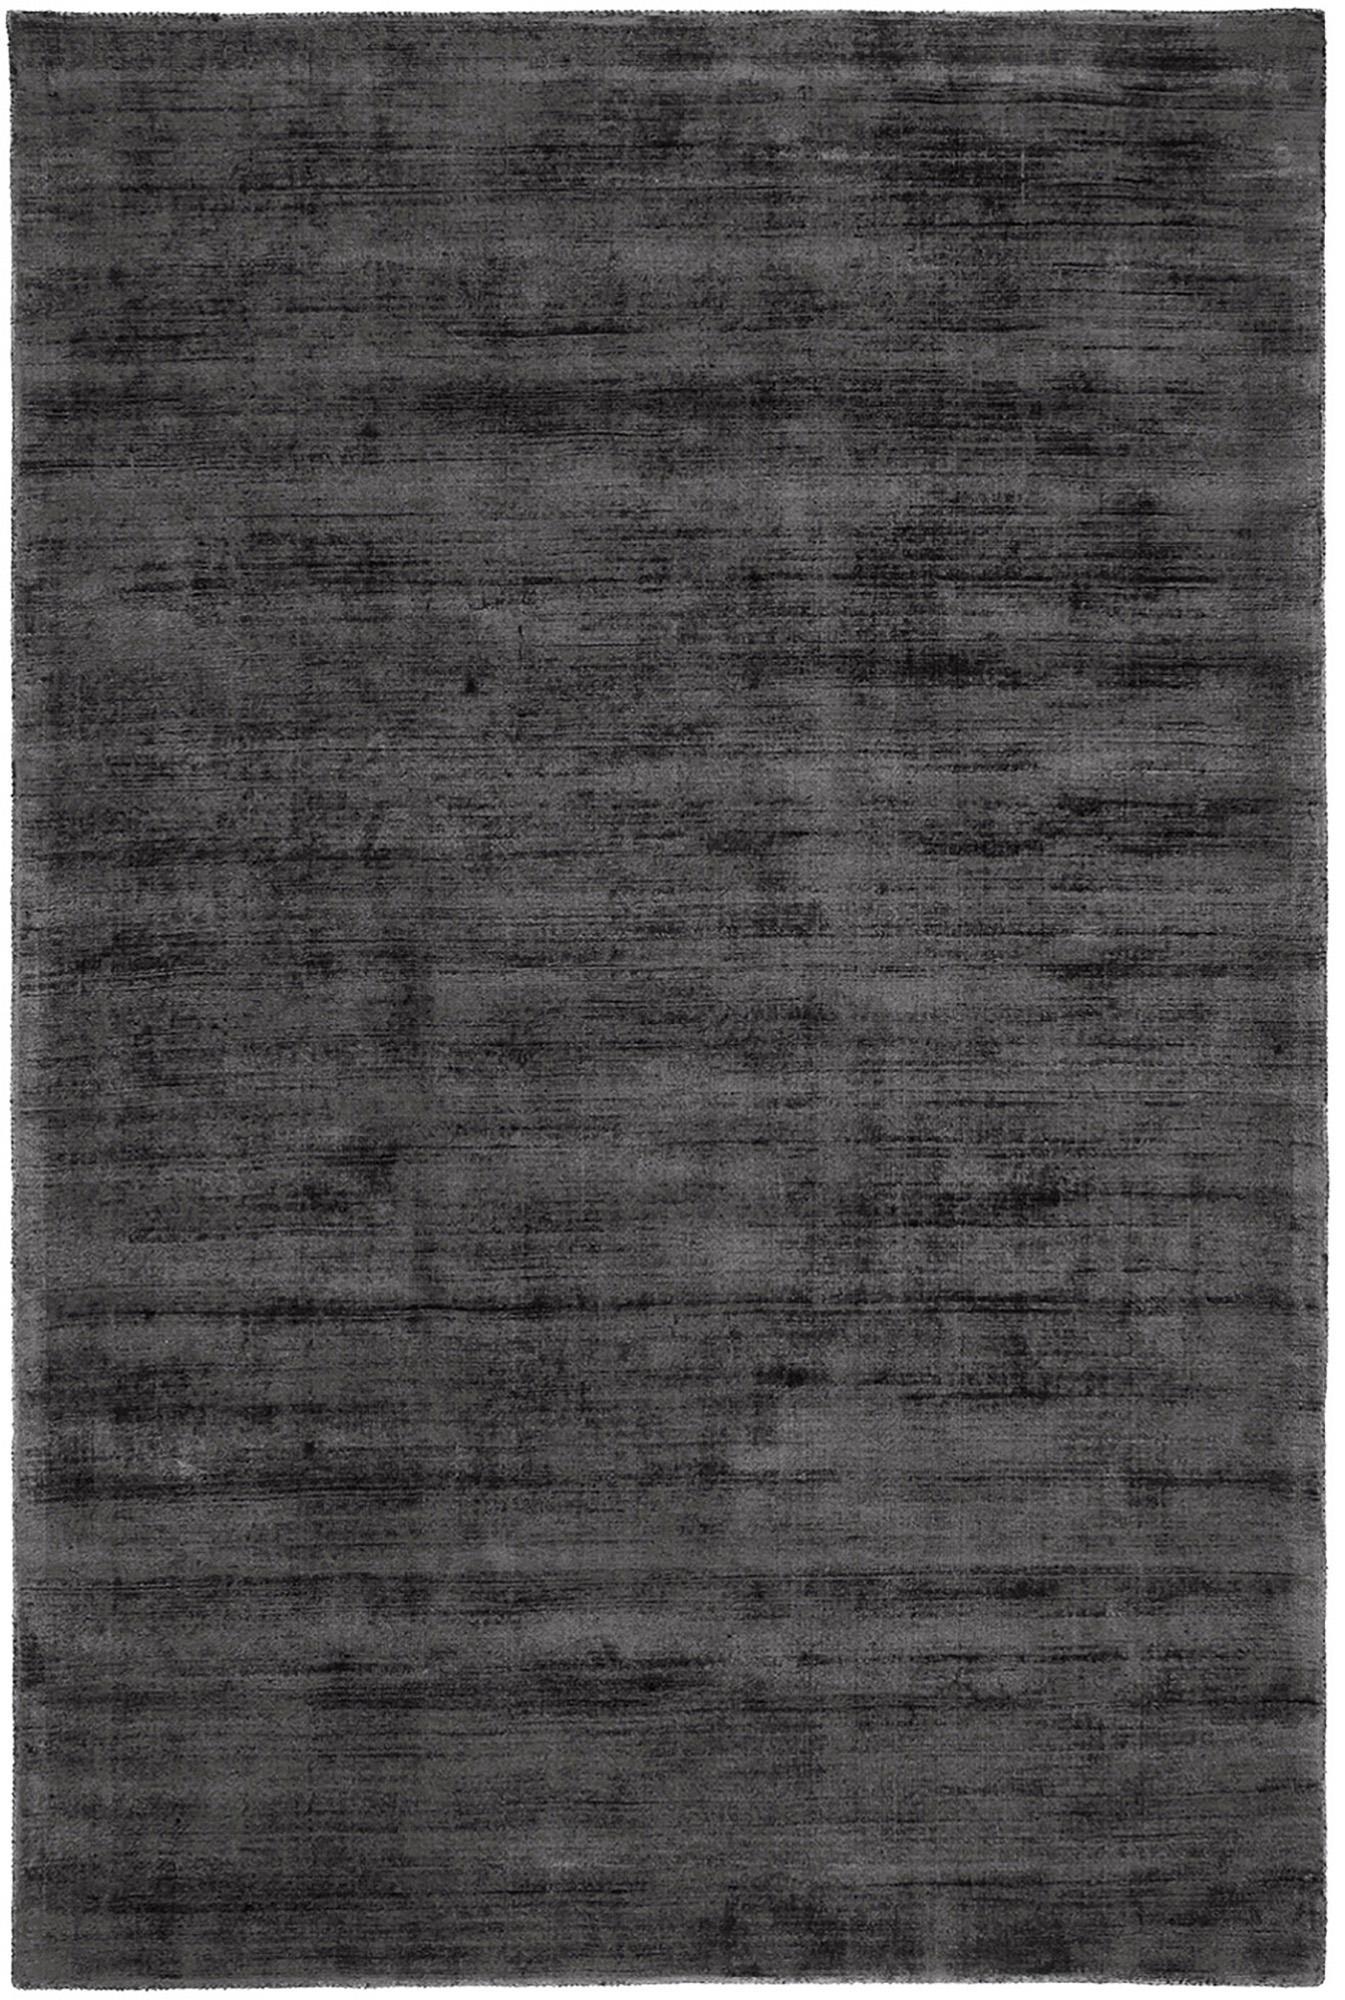 Ręcznie tkany dywan z wiskozy Jane, Antracytowoczarny, S 120 x D 180 cm (Rozmiar S)